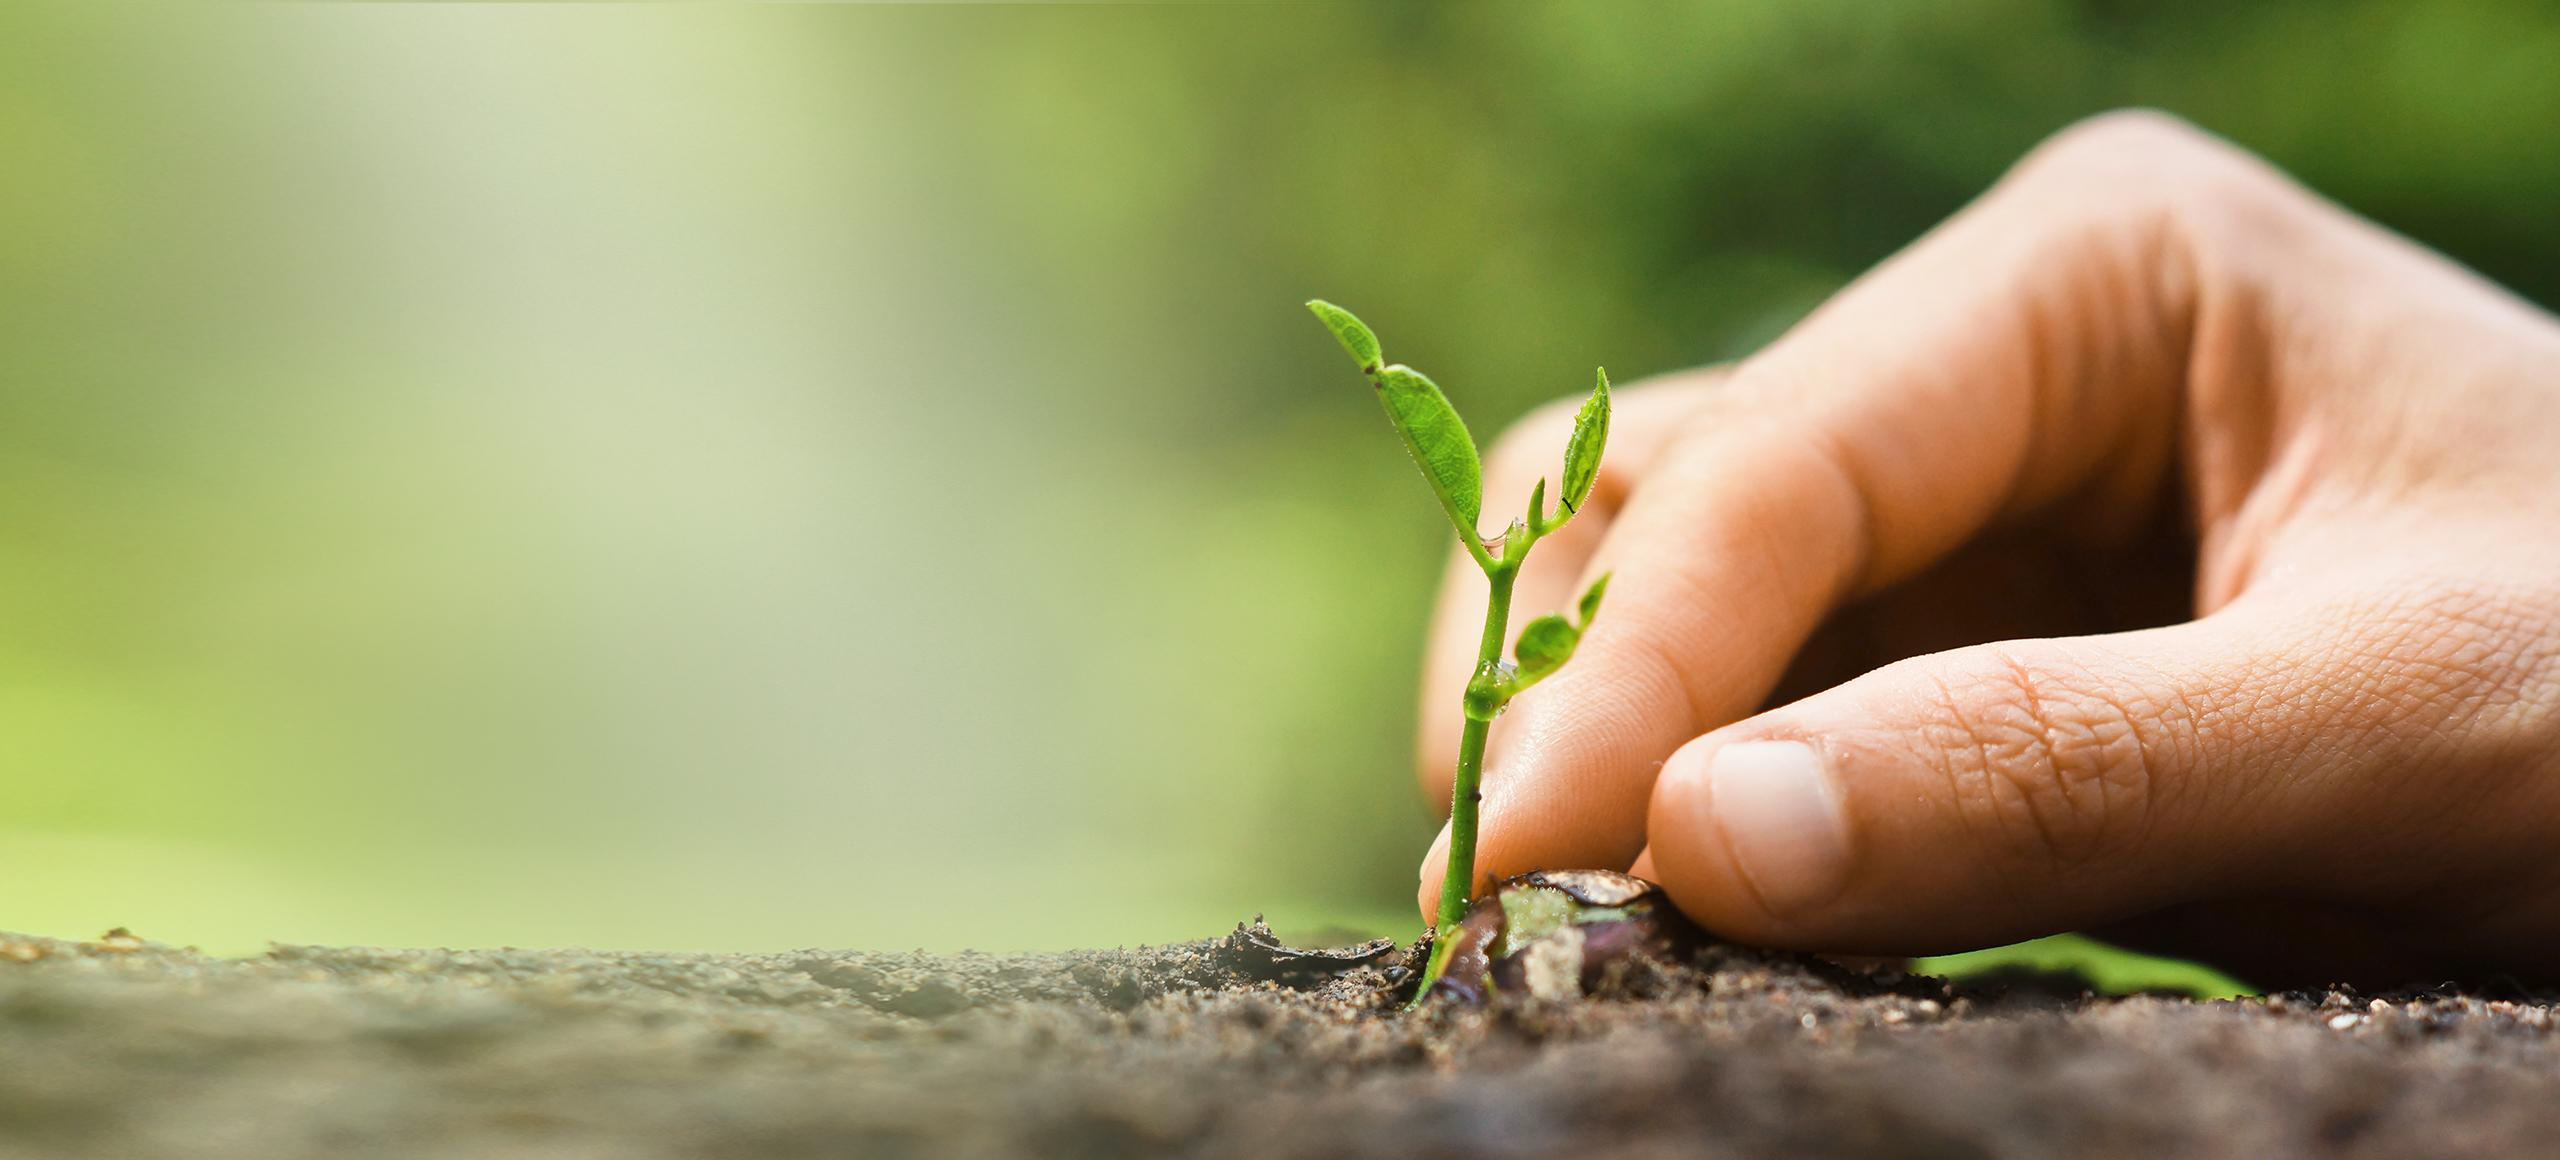 BRITA zwroty i recykling ręka roślina